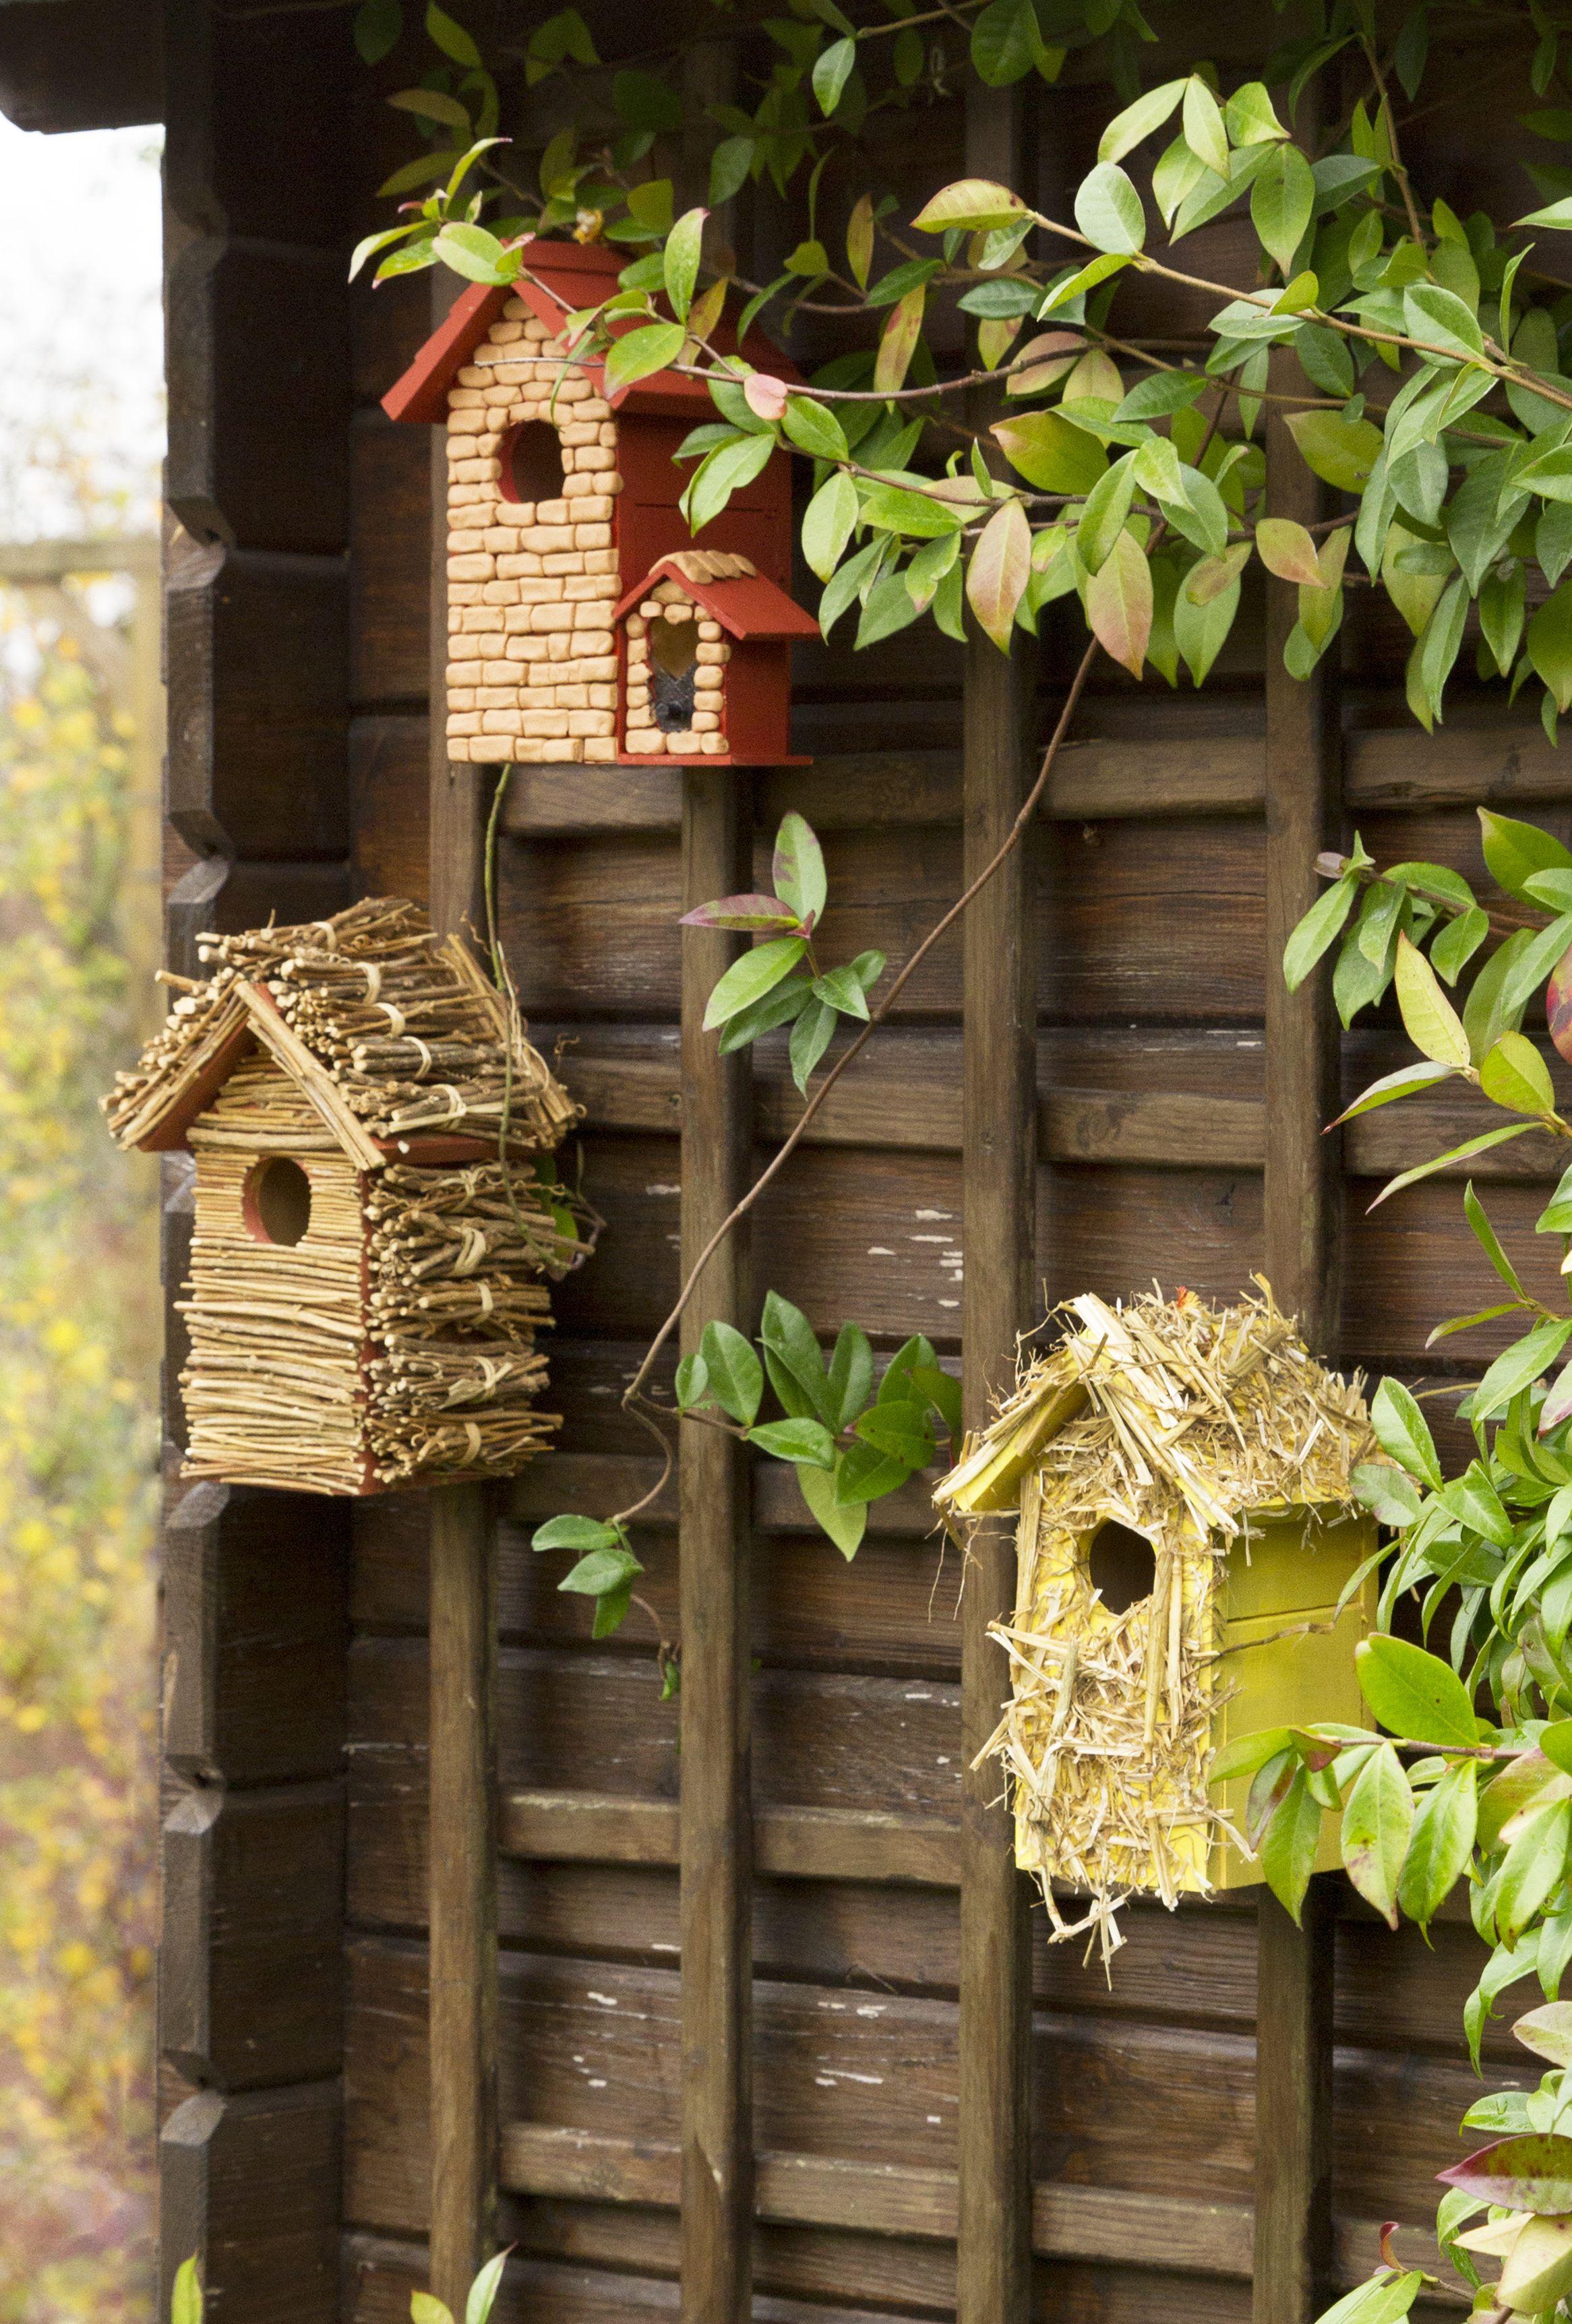 maison pour oiseaux a fabriquer. Black Bedroom Furniture Sets. Home Design Ideas